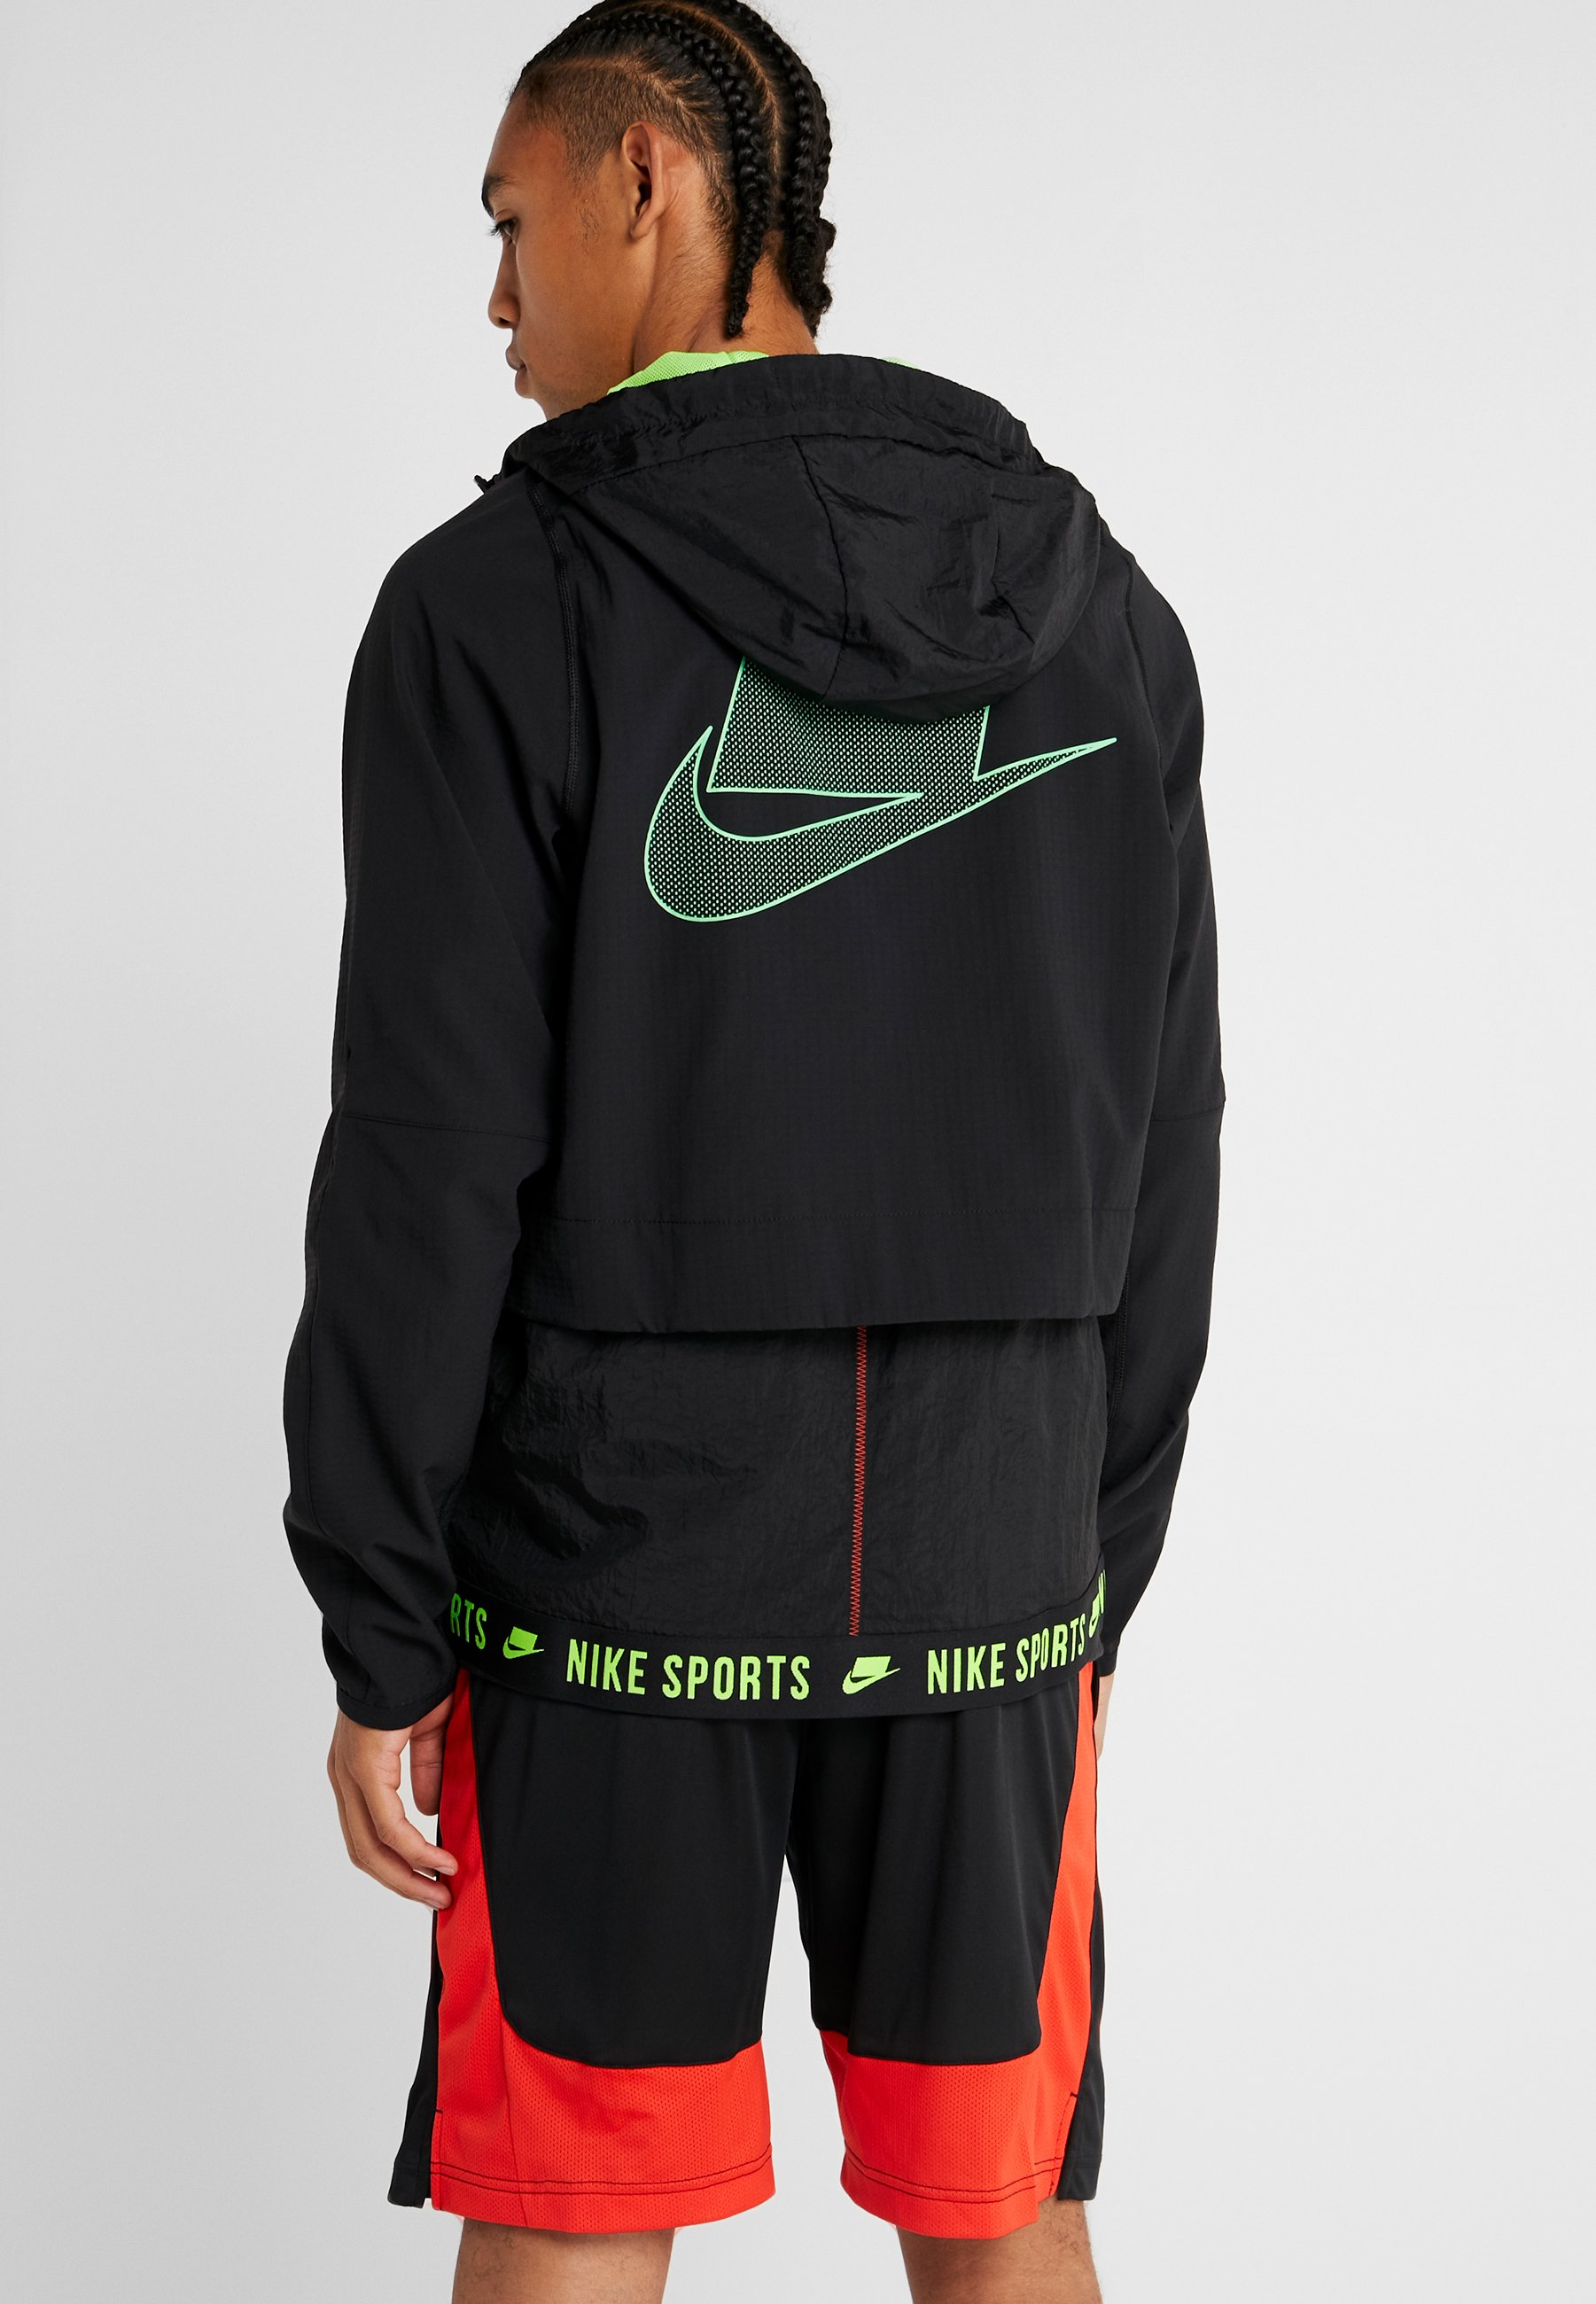 De Nike Survêtement Black FlexVeste Performance Green electric rdhQtsxBC